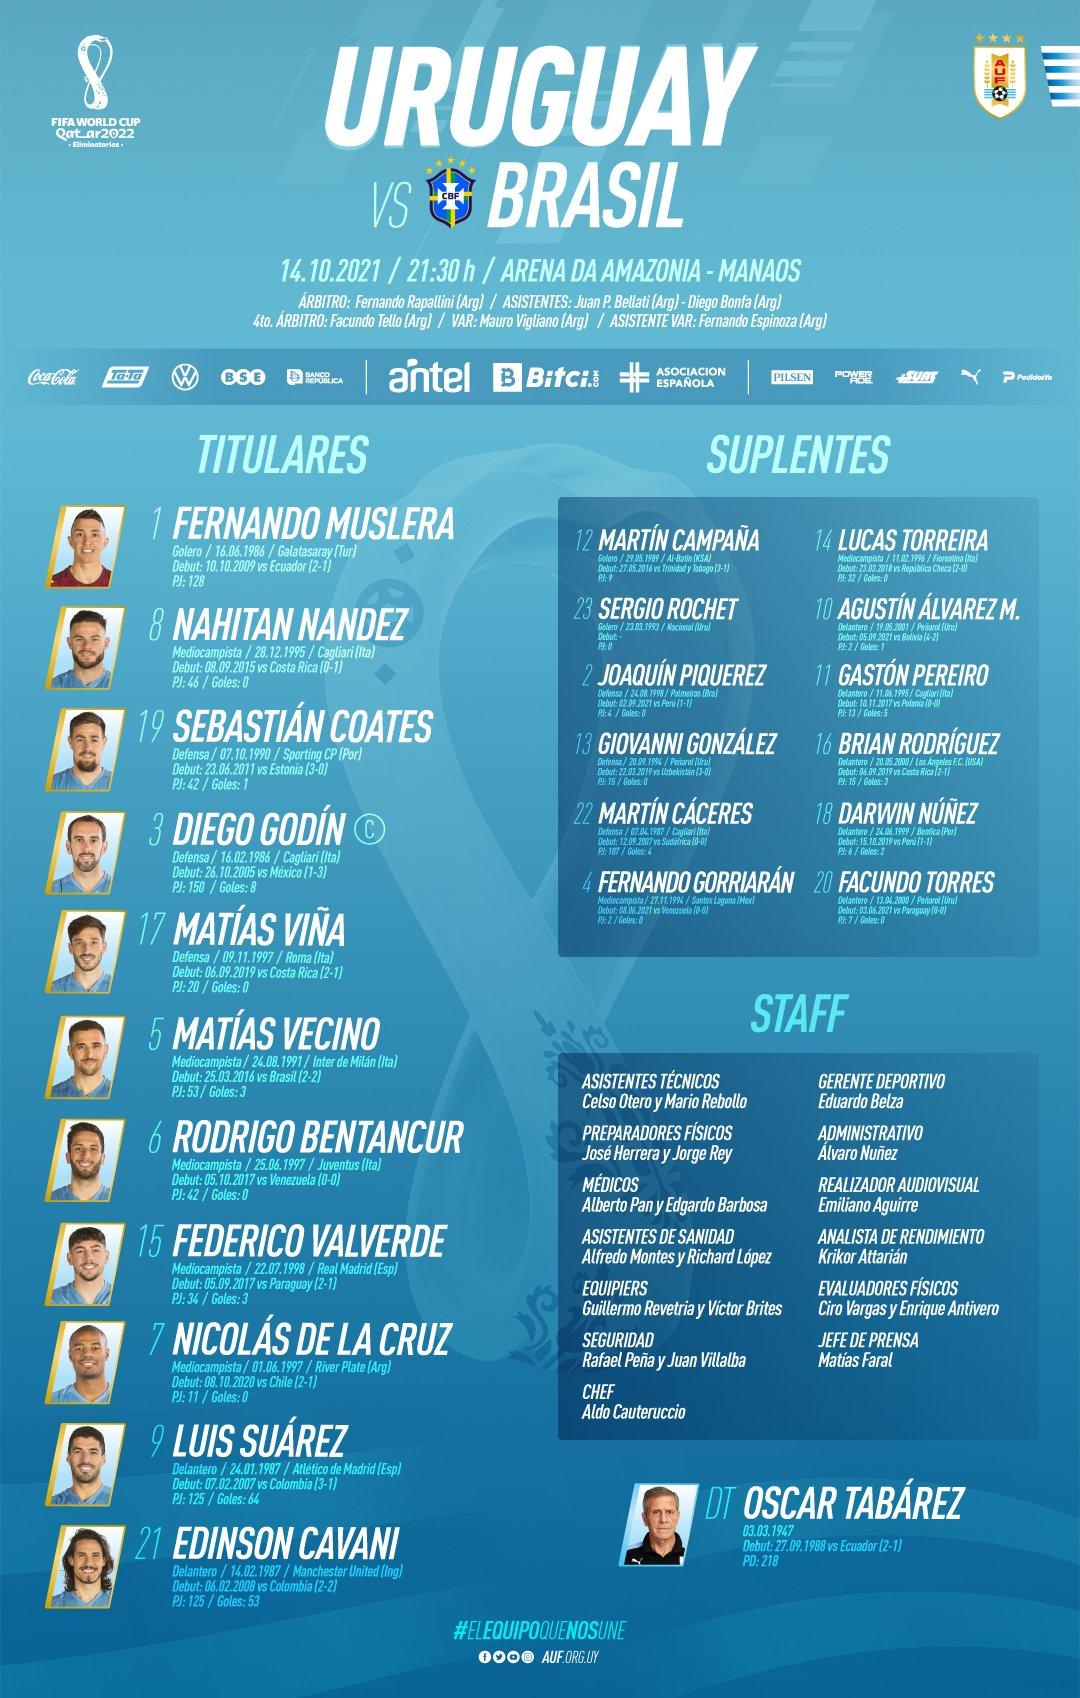 Uruguai escalado para pegar o Brasil pelas Eliminatórias